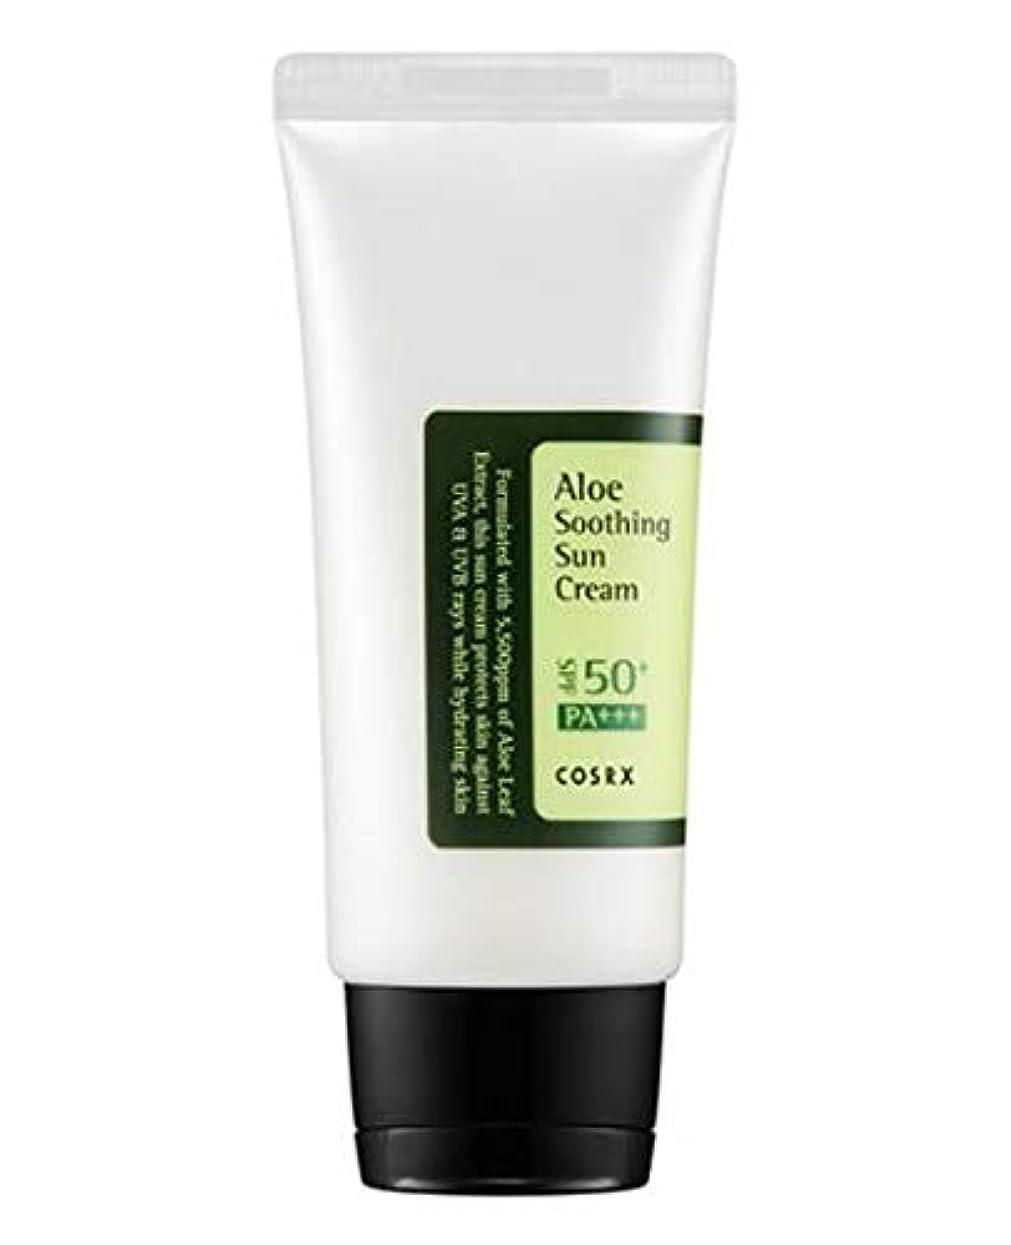 がんばり続けるくるくる器具COSRX Aloe Soothing Sun Cream (並行輸入品)